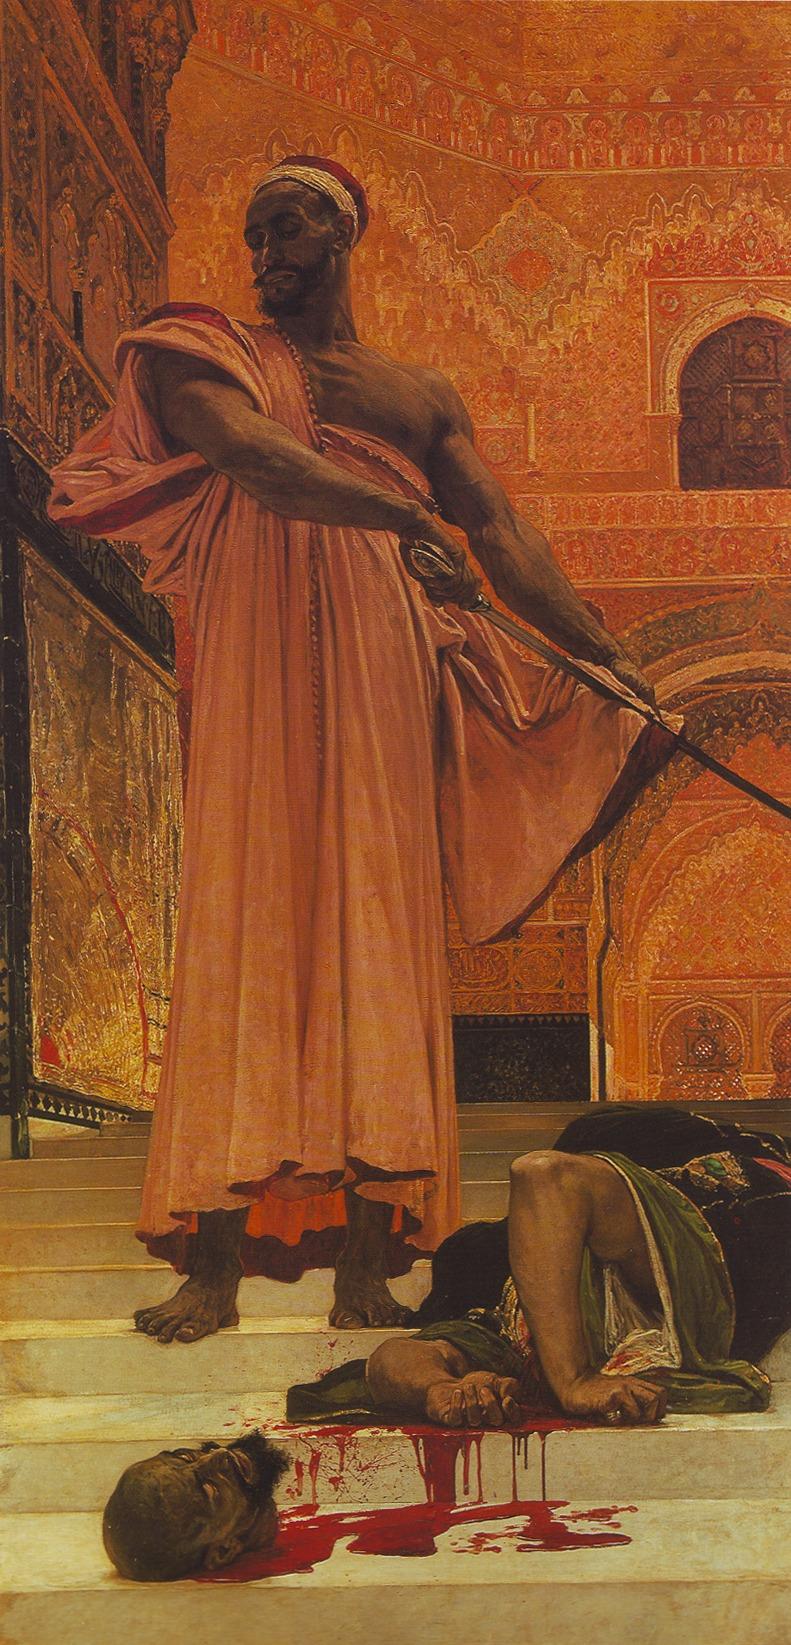 Henri Regnault. In Exécution sans jugement sous les rois maures de Grenade